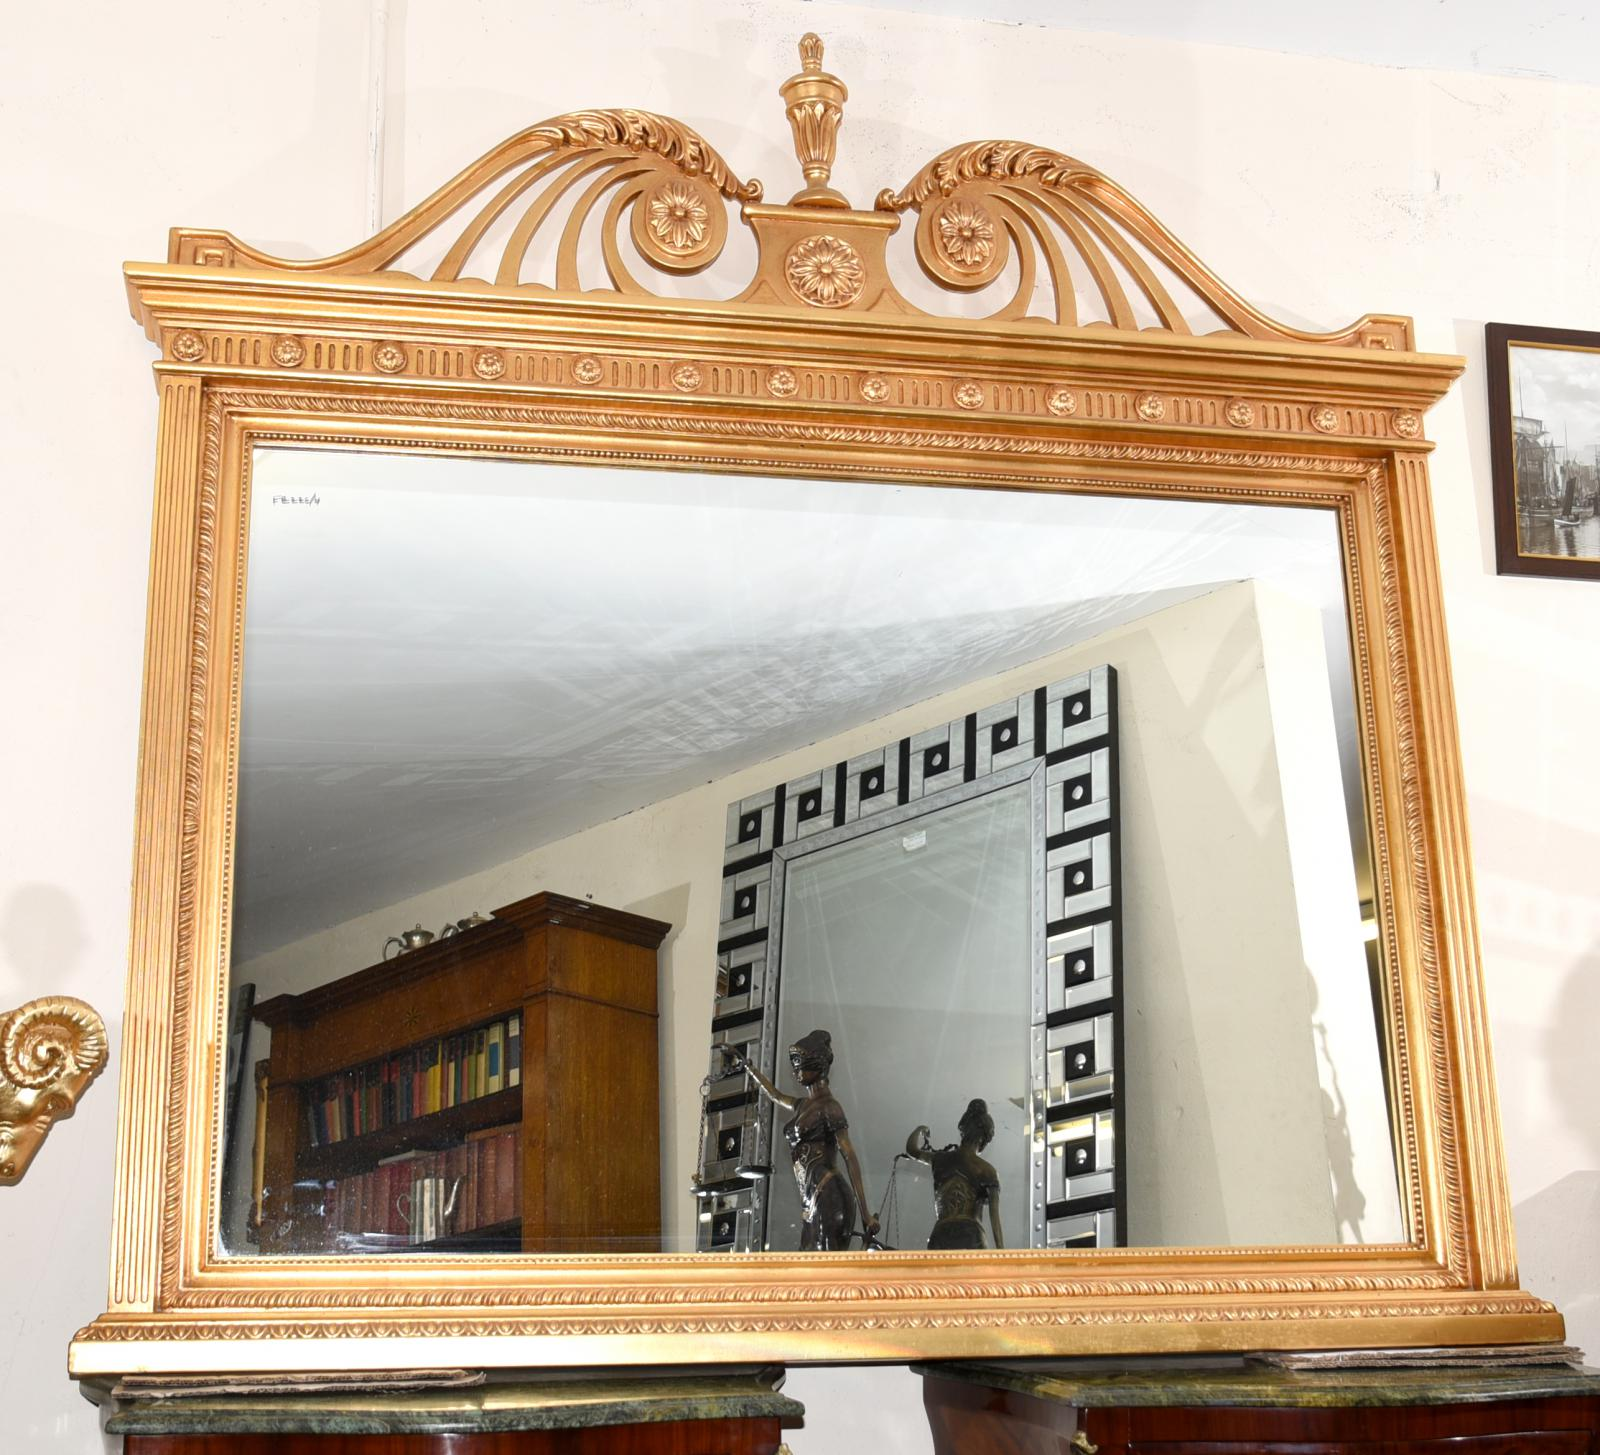 Inglese adams dorati mantello specchio vetro specchi ebay for A specchio in inglese